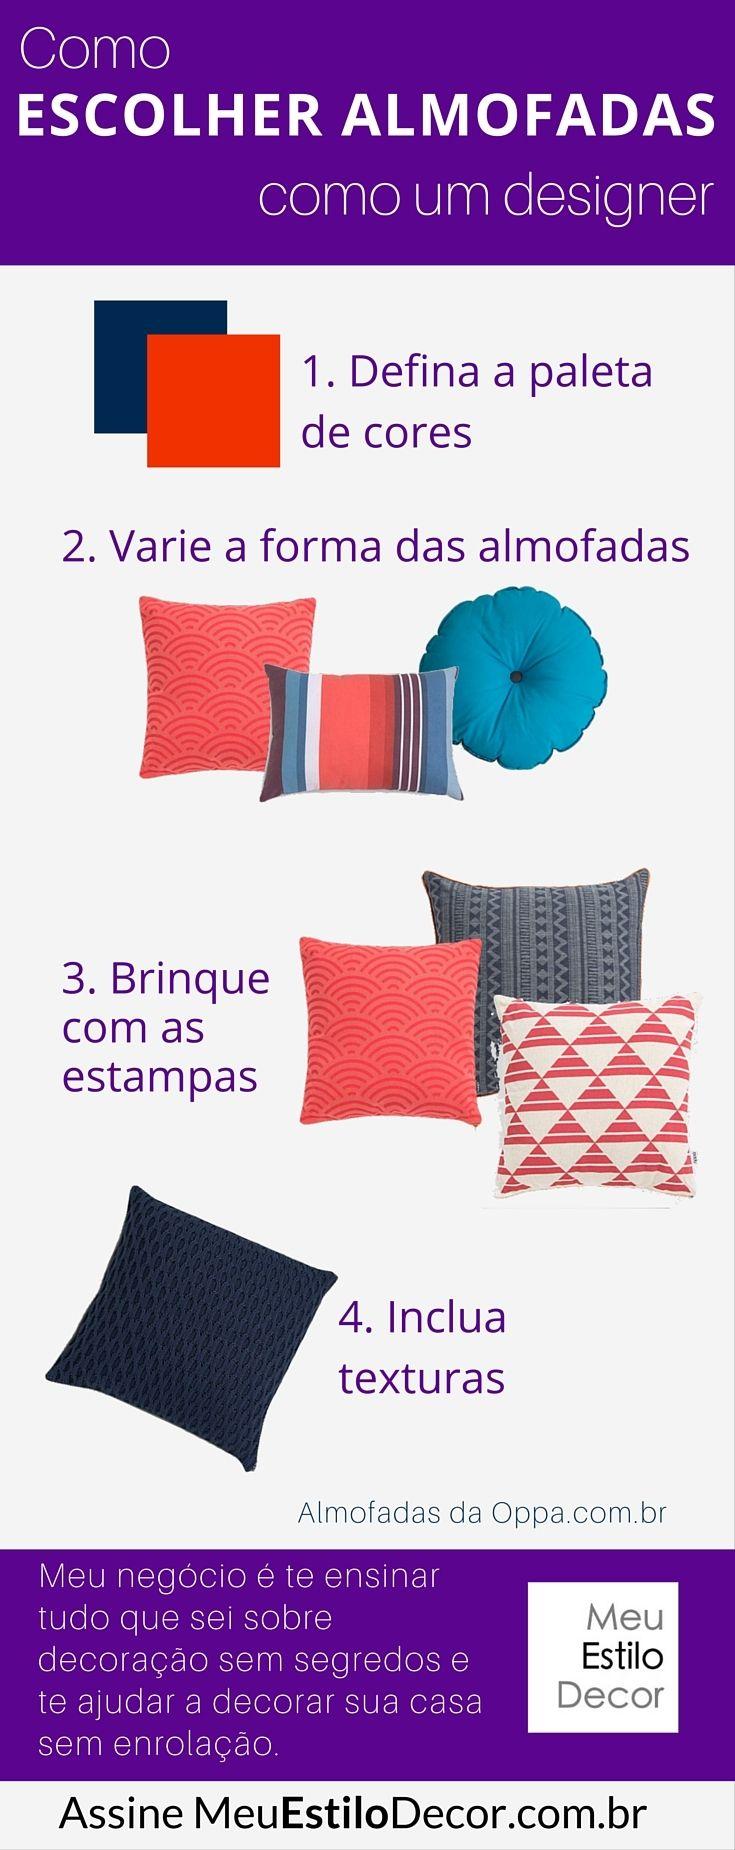 """Infográfico """"Como escolher almofadas como um designer"""". Quer aprender outros truques de styling para decorar sua casa? ASSINE MeuEstiloDecor.com.br"""